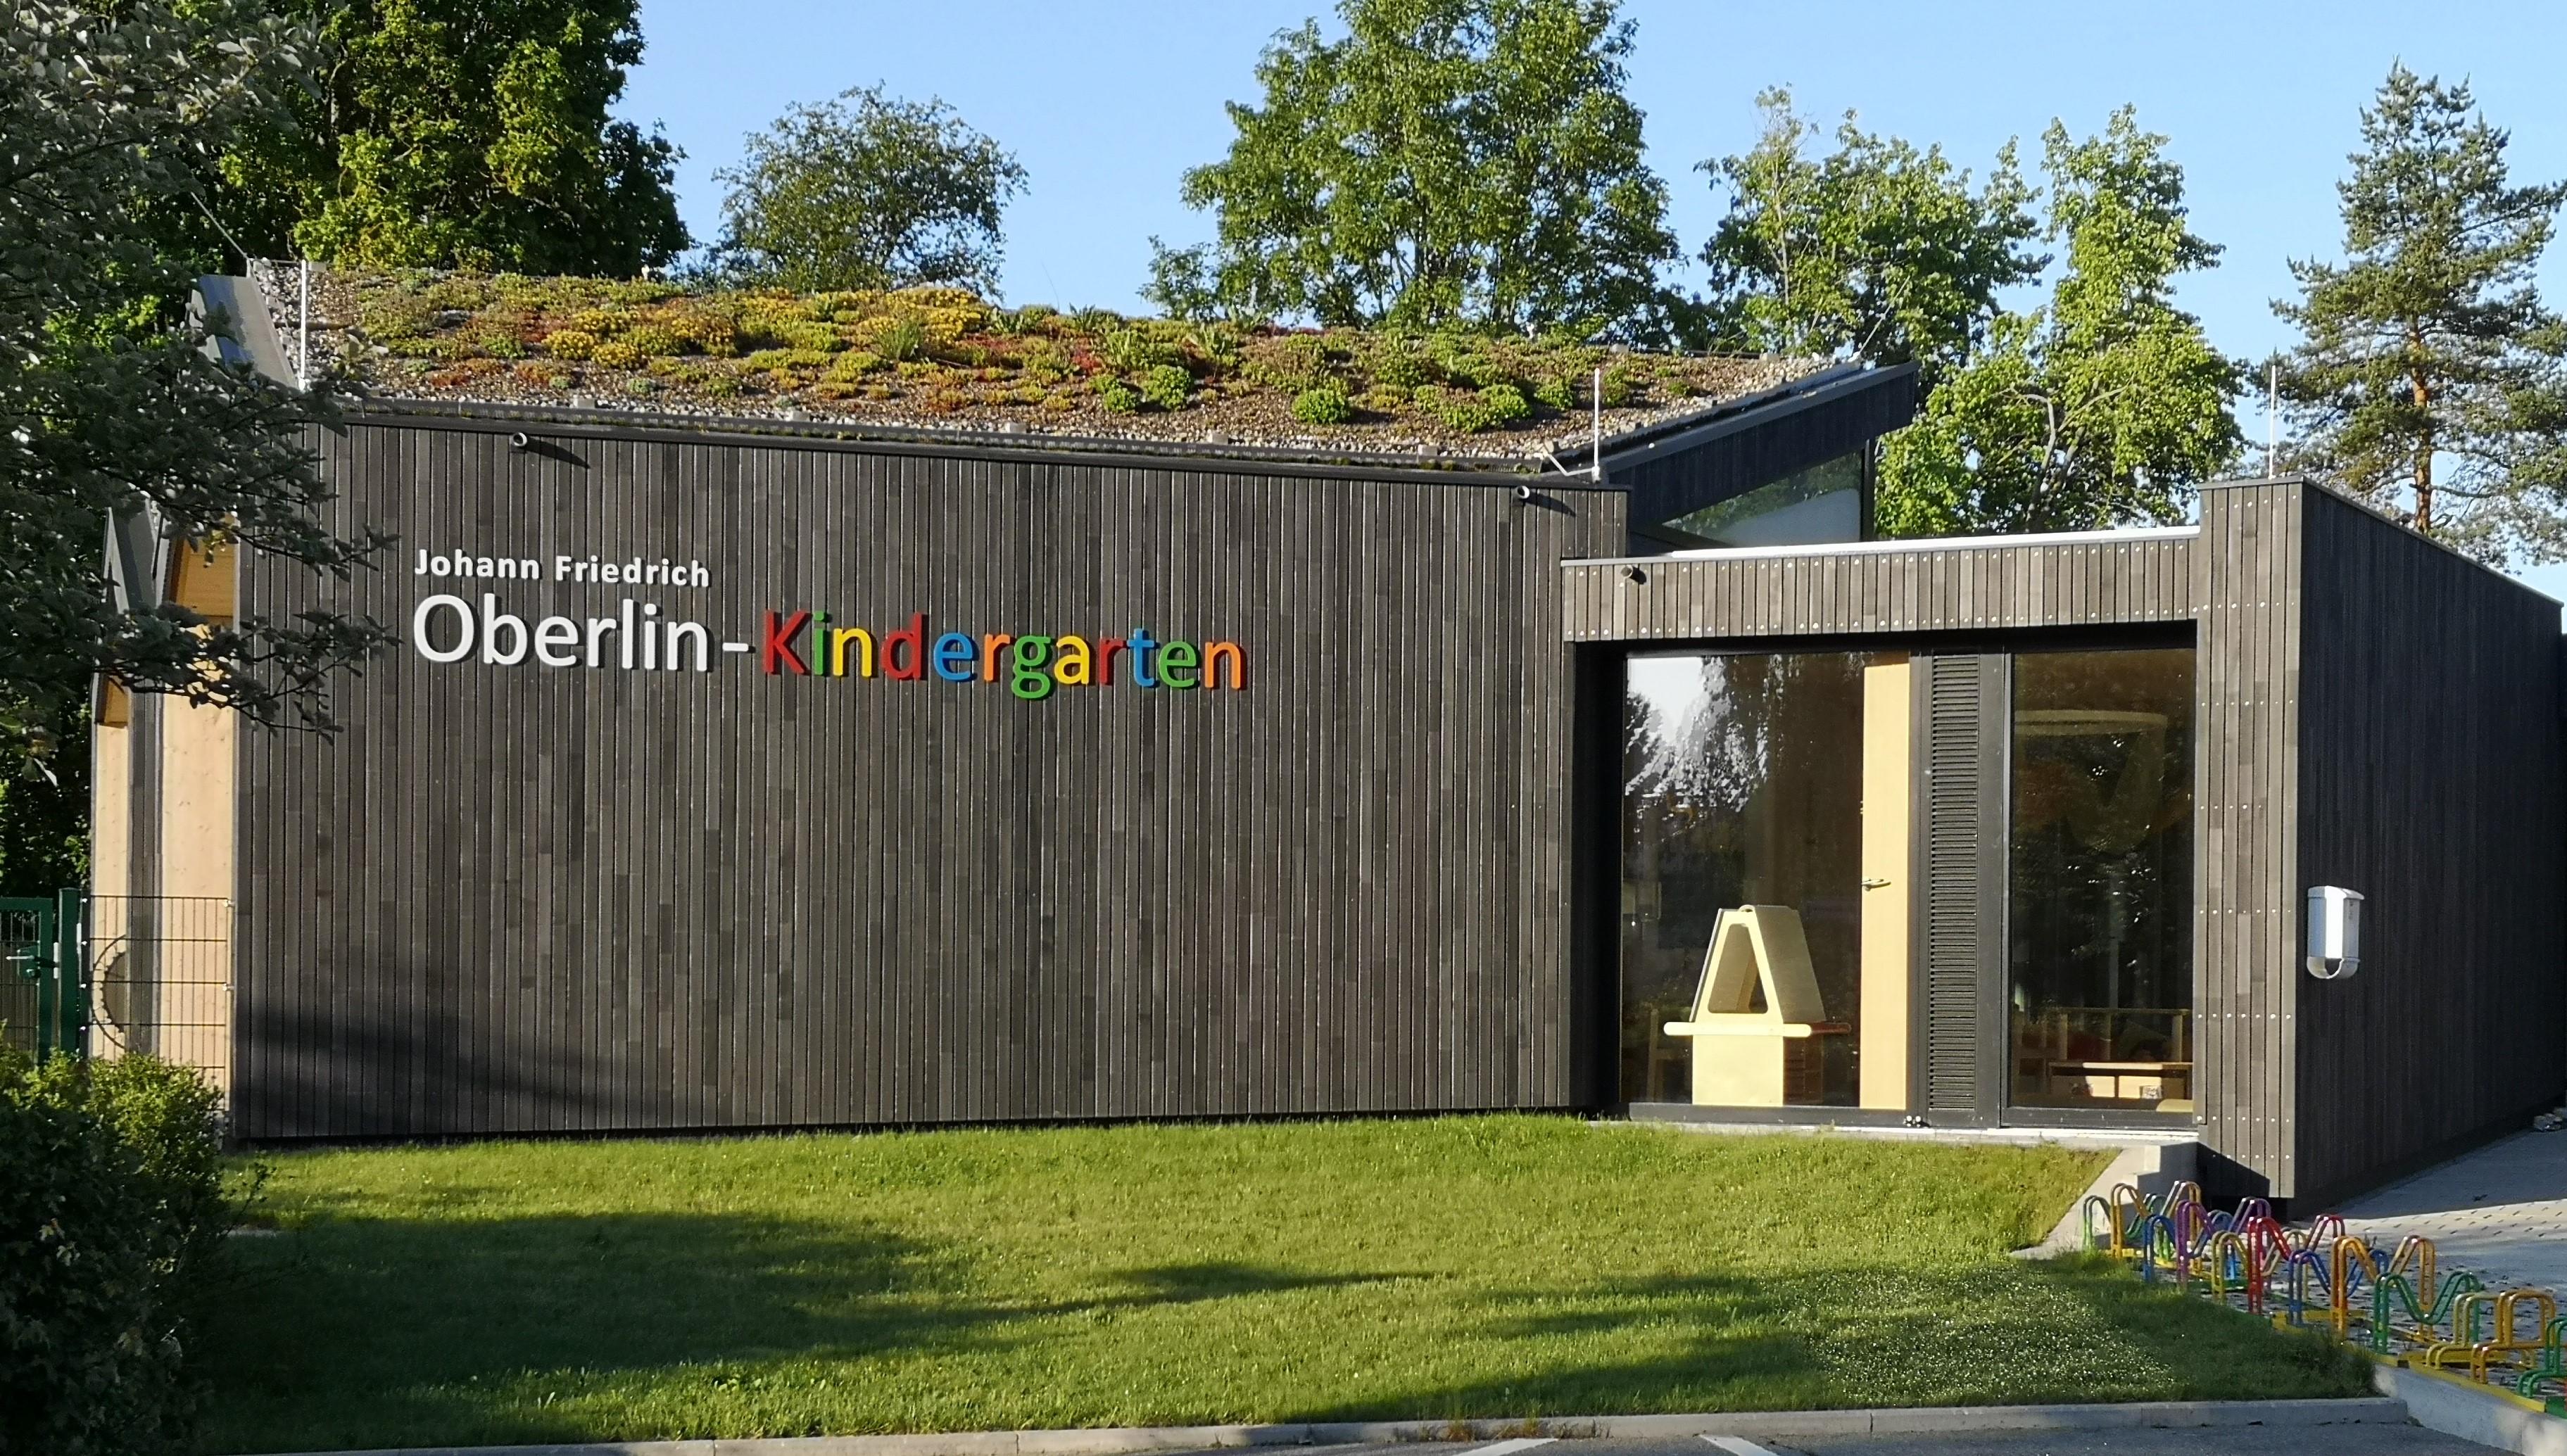 Johann-Friedrich-Oberlin-Kindergarten